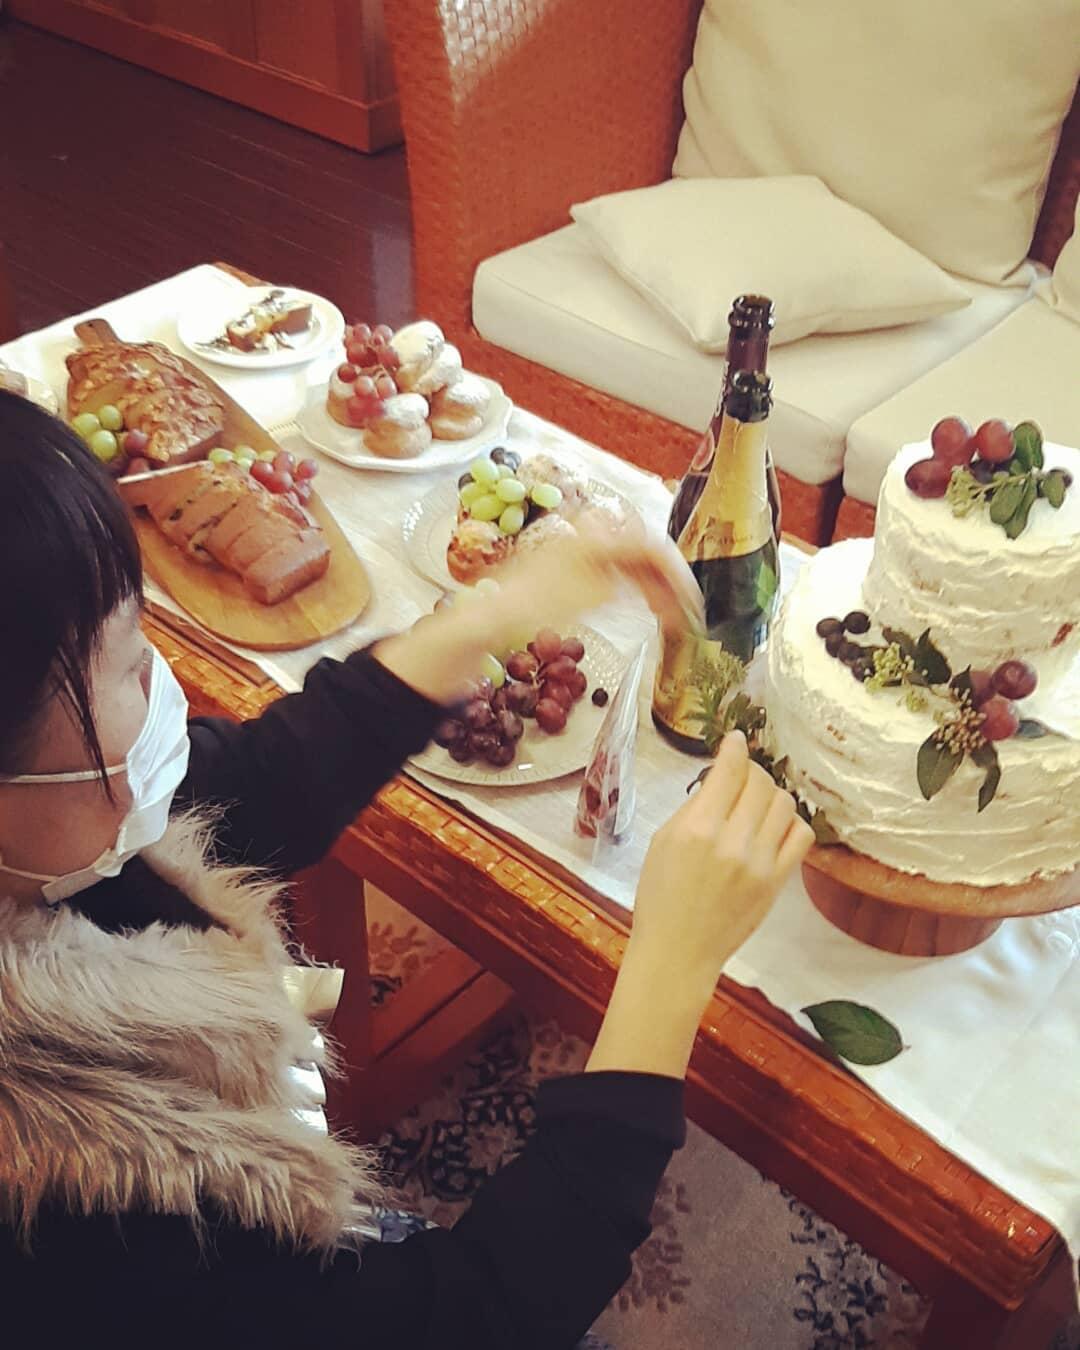 撮影がんばりましたー。、.オリジナルウエディングはお任せください。 #ラブーシュカウエディング#コンセプトウエディング#プレ花嫁#wedding#weddingdress#bride#結婚式#オリジナルウエディング#会場装飾#手作りアイテム#ウェディング#結婚式準備#花嫁#和婚 #ウエディングドレス#ウェディングドレス#軽井沢 #群馬 #日本中のプレ花嫁さんと繋がりたい#日本中の卒花嫁さんと繋がりたい#ゼクシィ#loveshka #loveshka_wedding